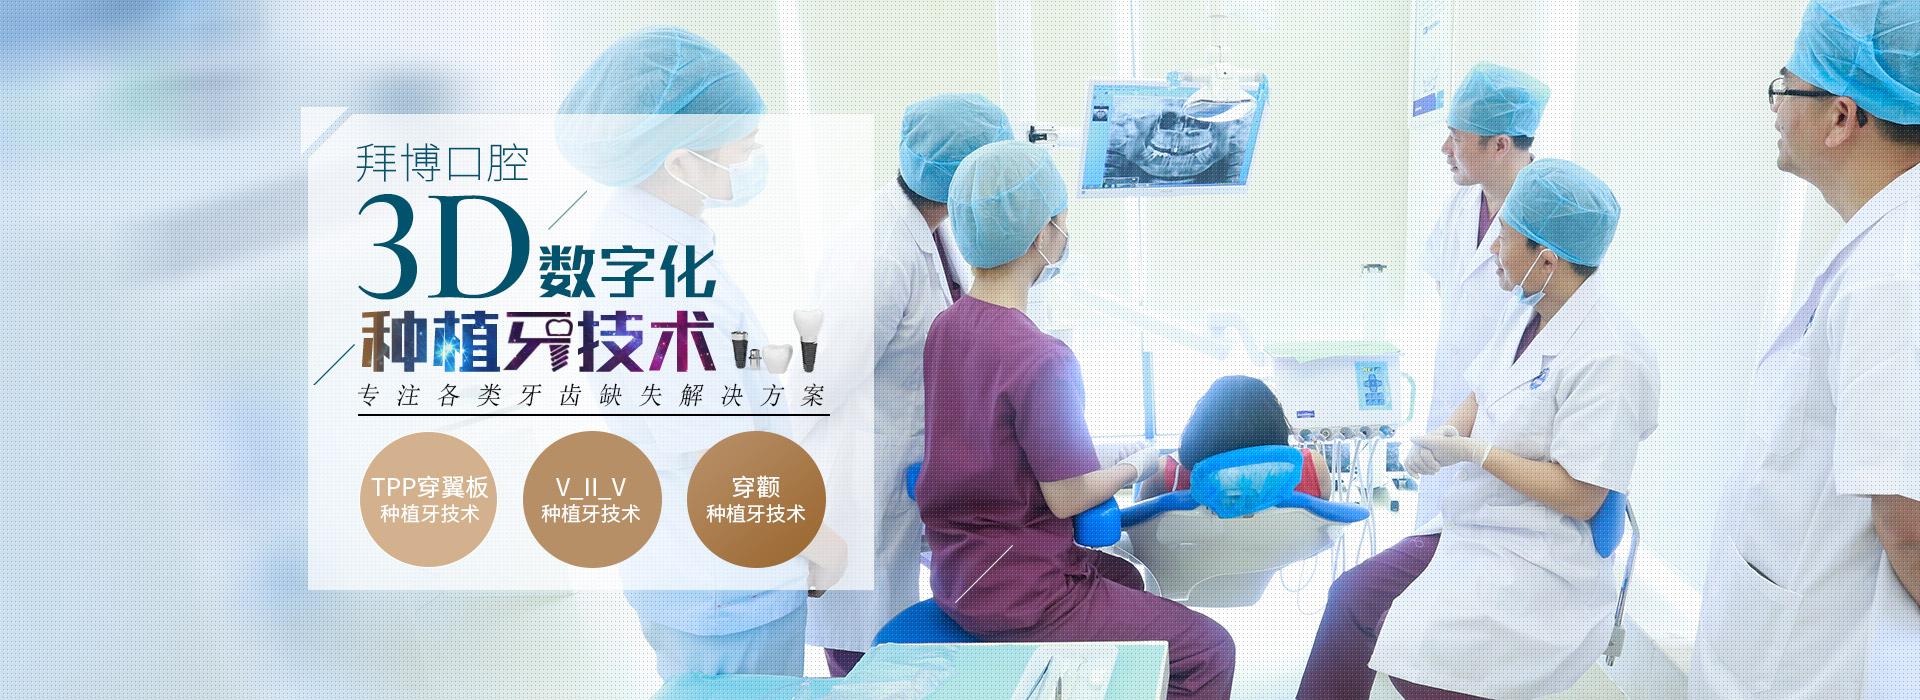 3D数字化种植牙